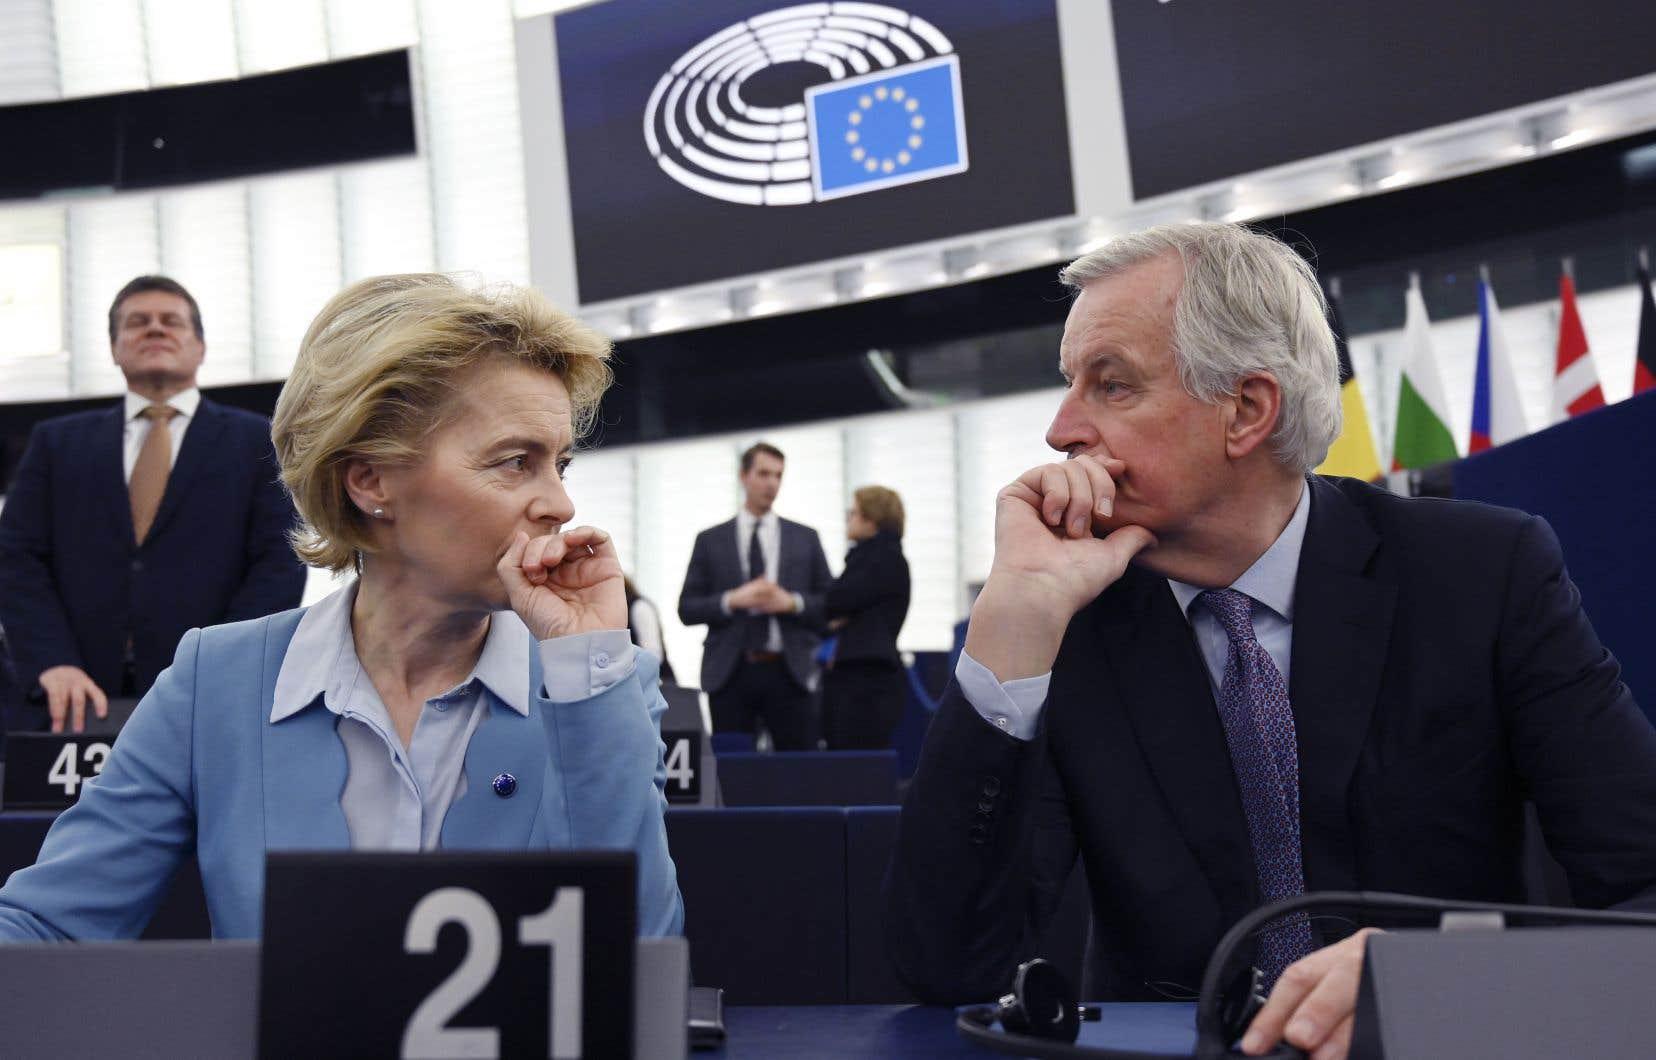 La présidente et le négociateur en chef de l'UE, Ursula von der Leyen et Michel Barnier, ont discuté avant le débat sur les futurs pourparlers commerciaux avec le Royaume-Uni.